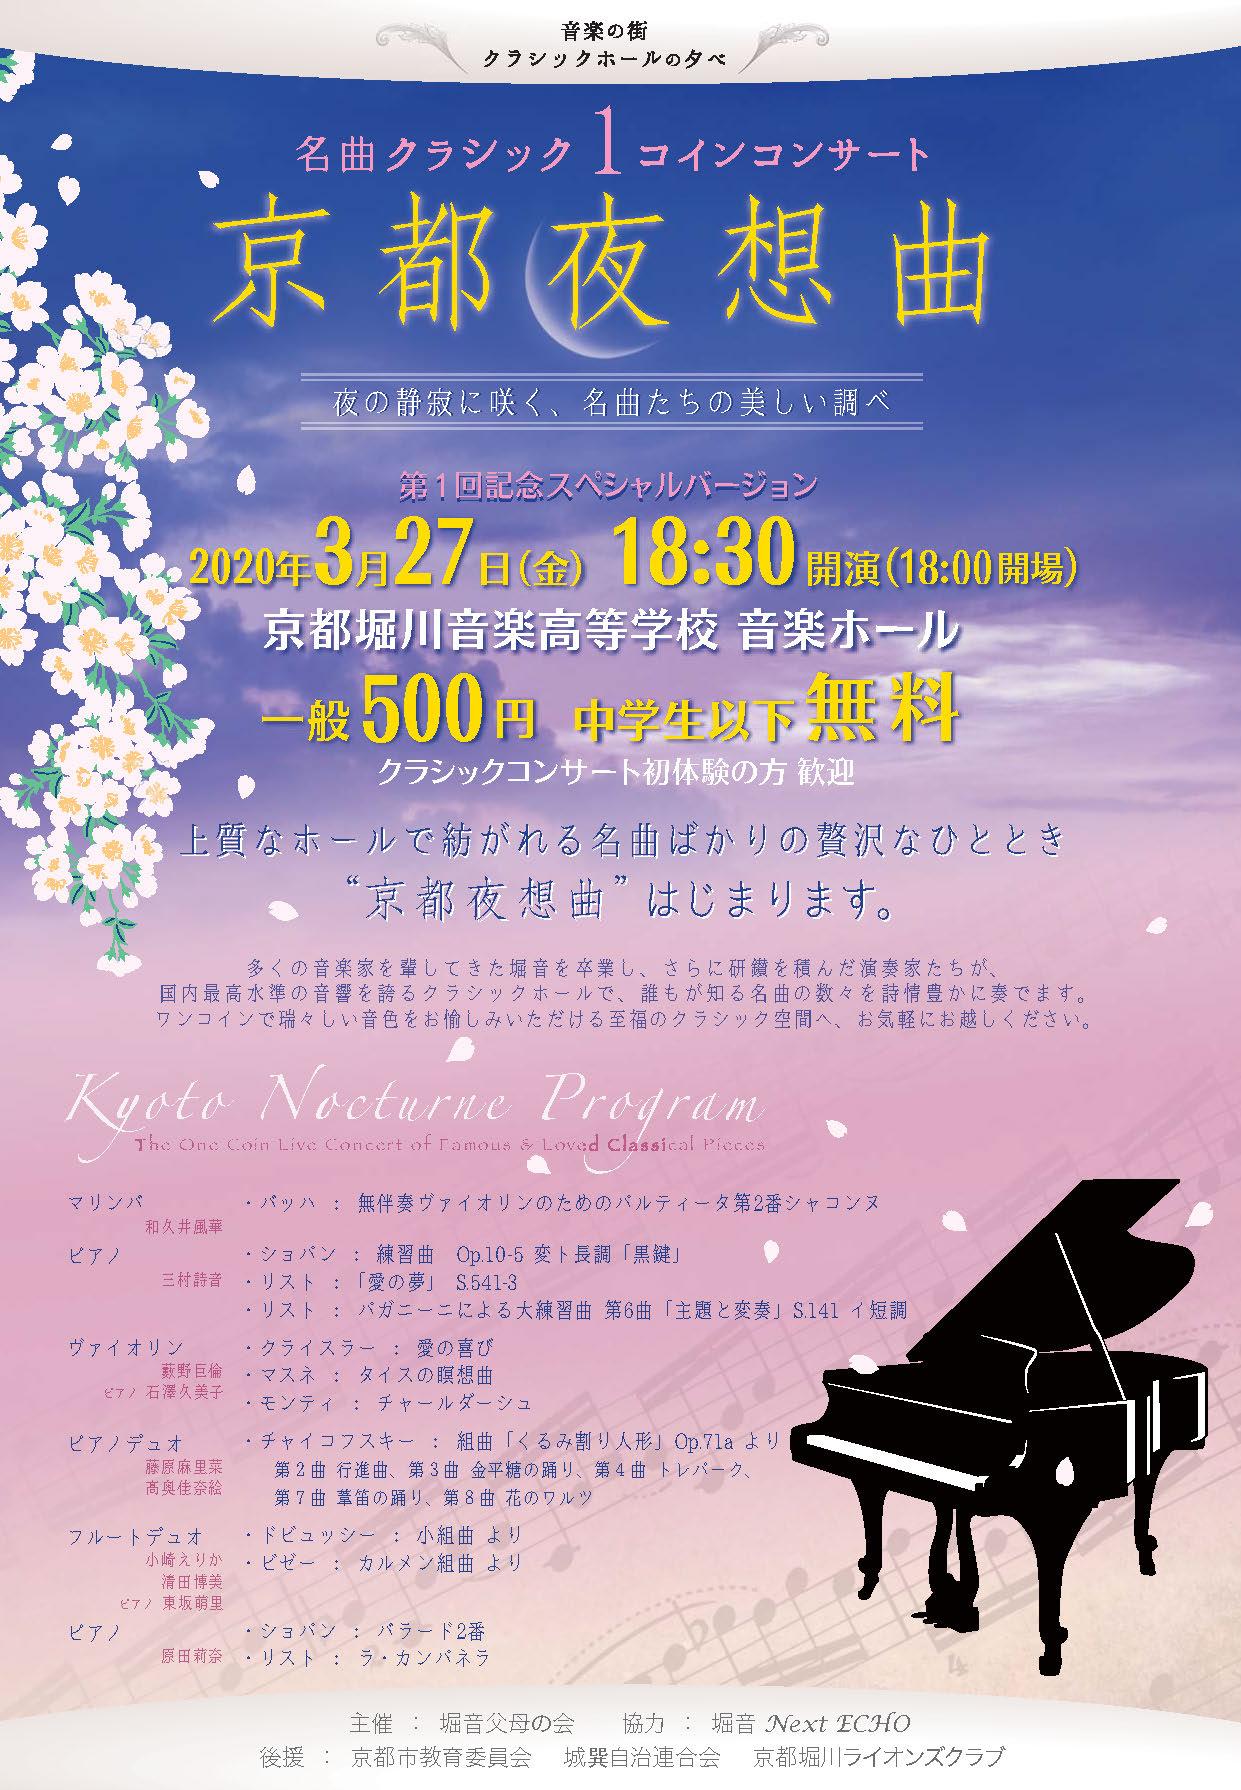 【開催延期】名曲クラシック1コインコンサート『京都夜想曲』第1回